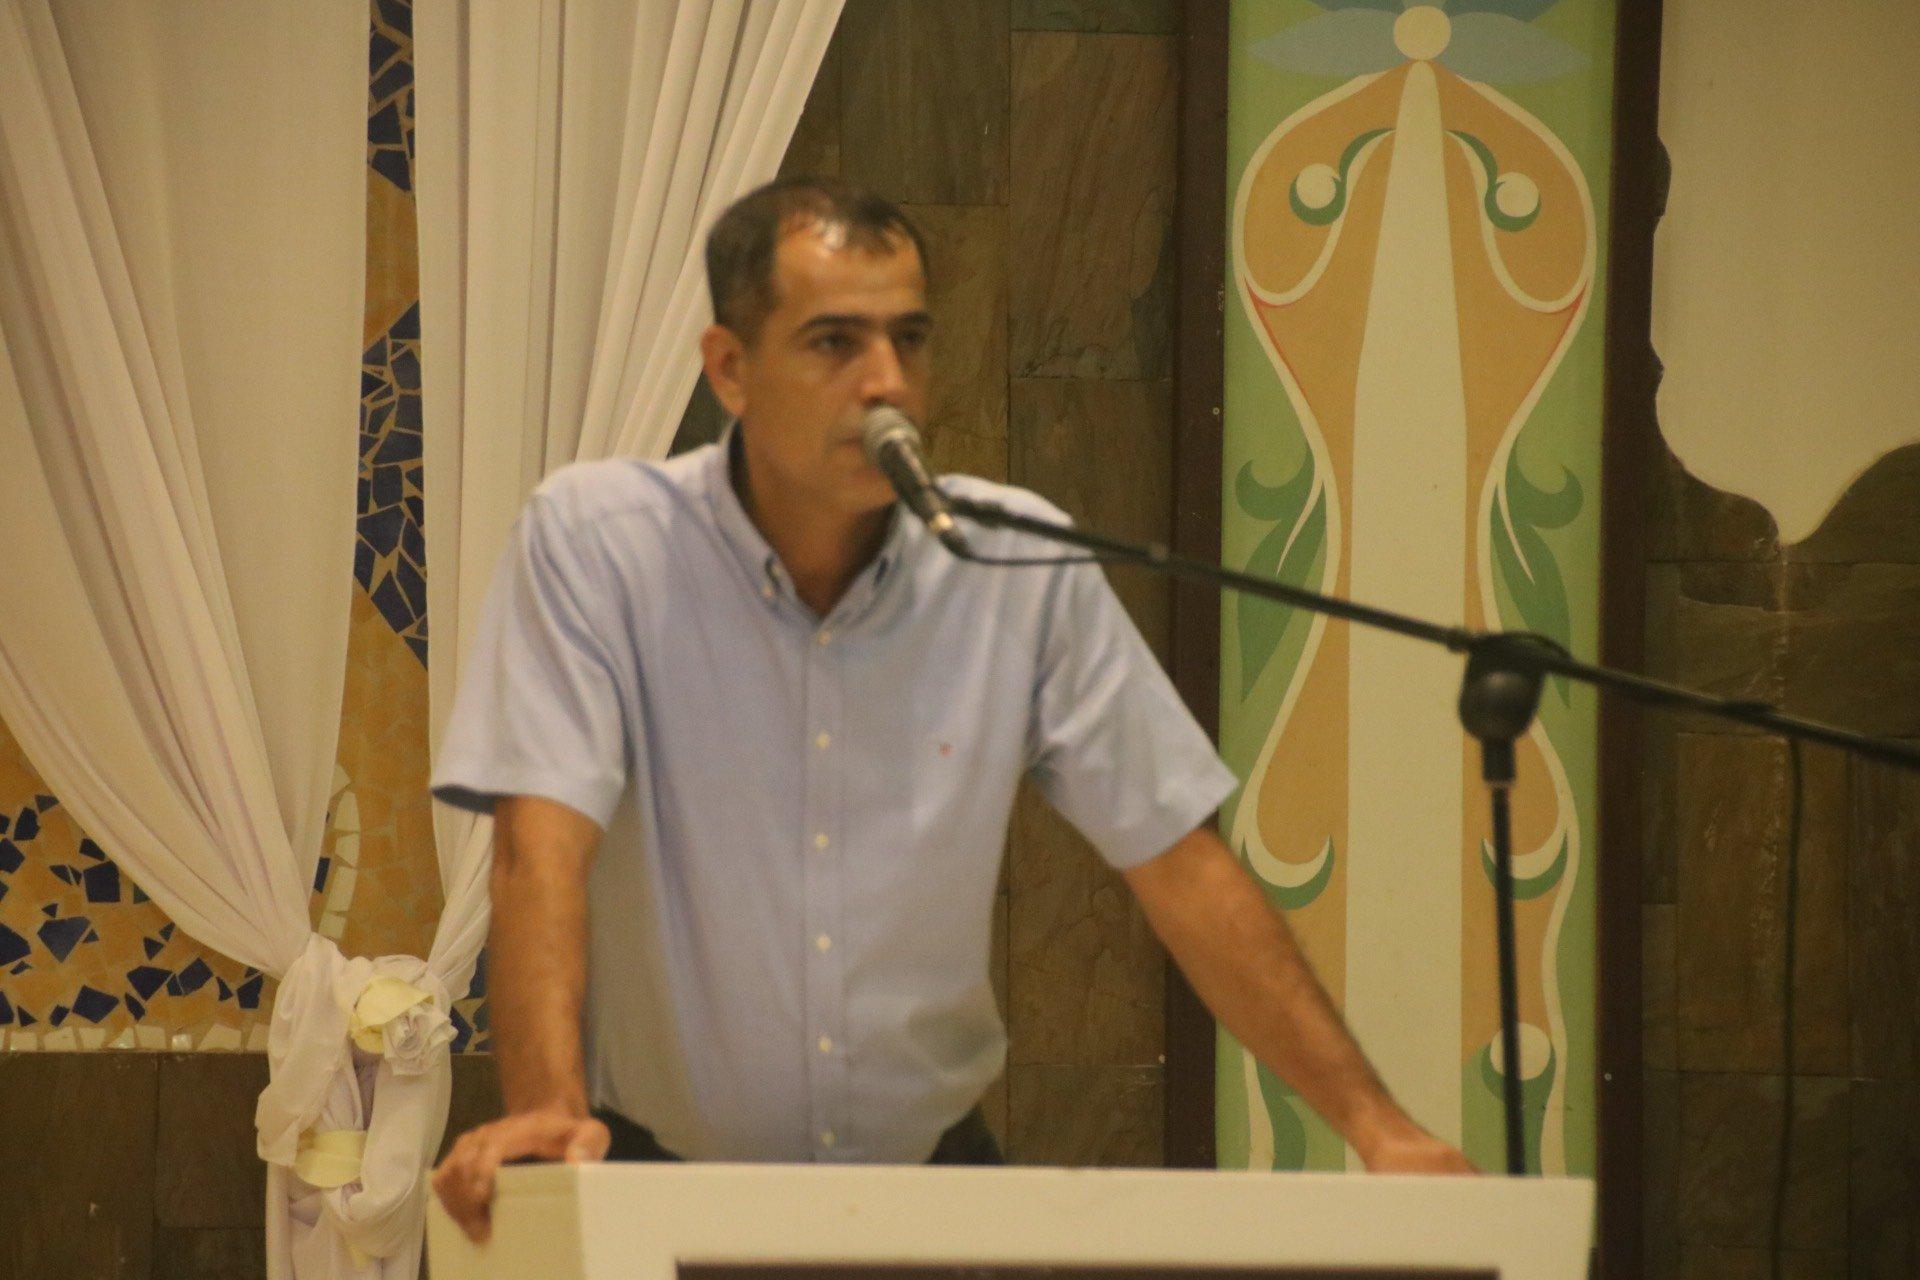 باقة الغربيّة: اجتماع انتخابي لميرتس بمشاركة فريج وهوروفيتش